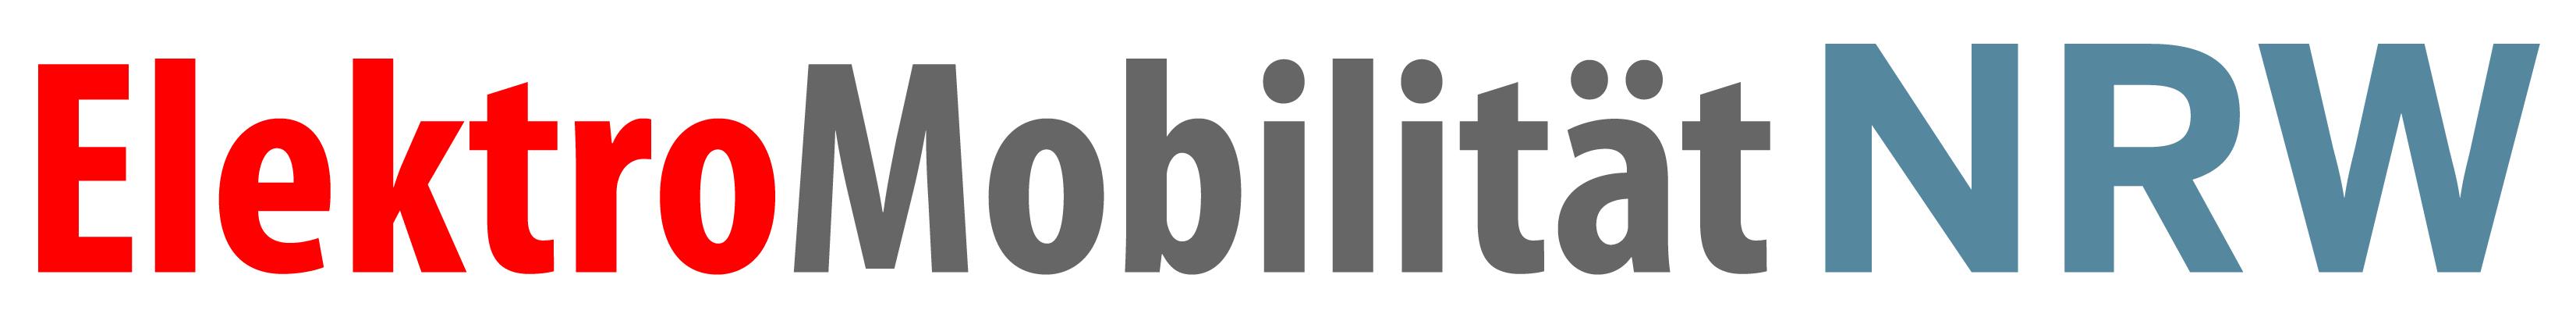 Logo ElektroMobilitaet NRW druckfaehig - Umfrage zur Elektromobilität